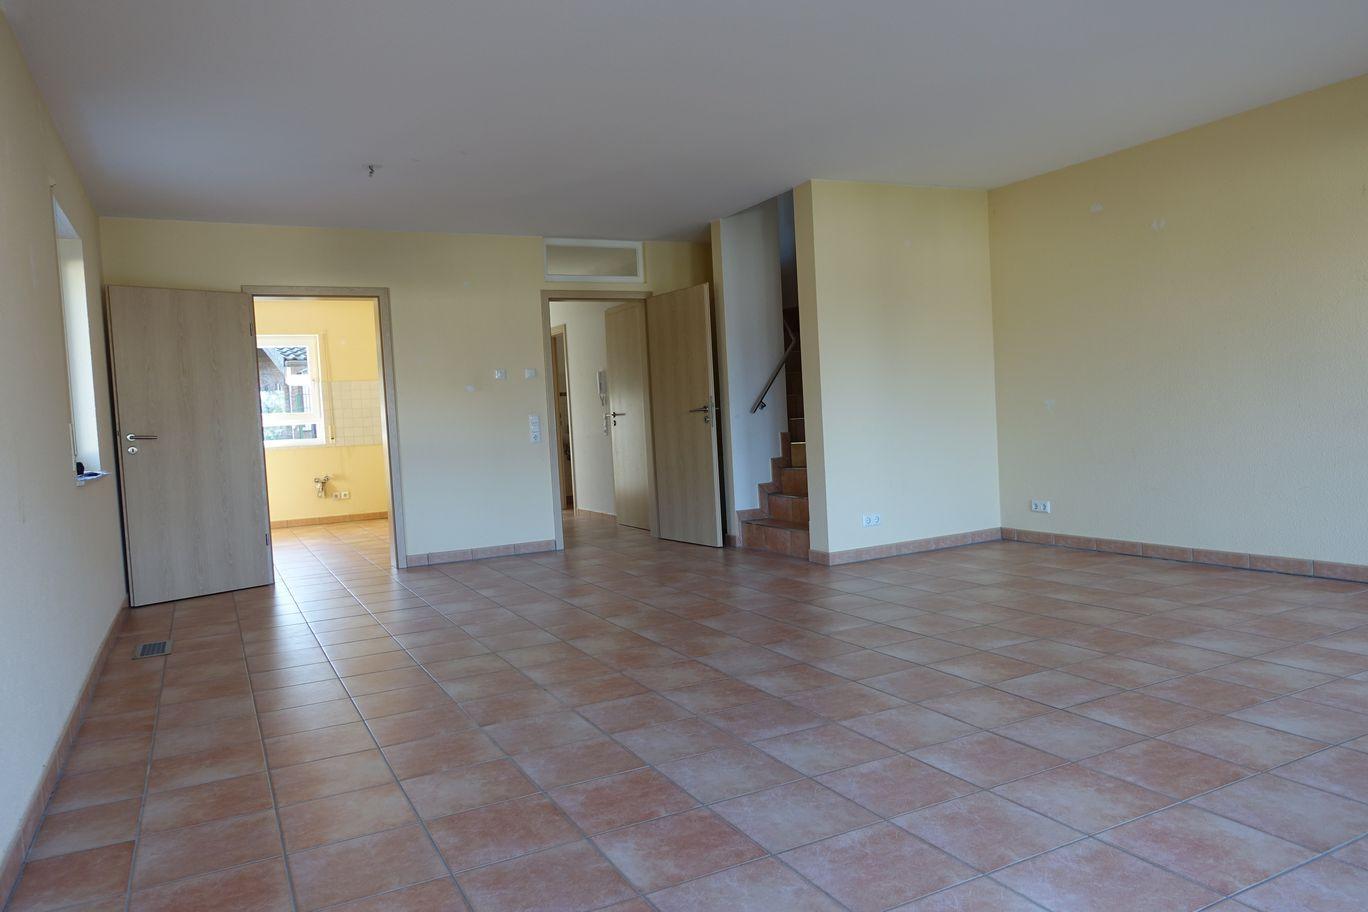 119 Wohnzimmer